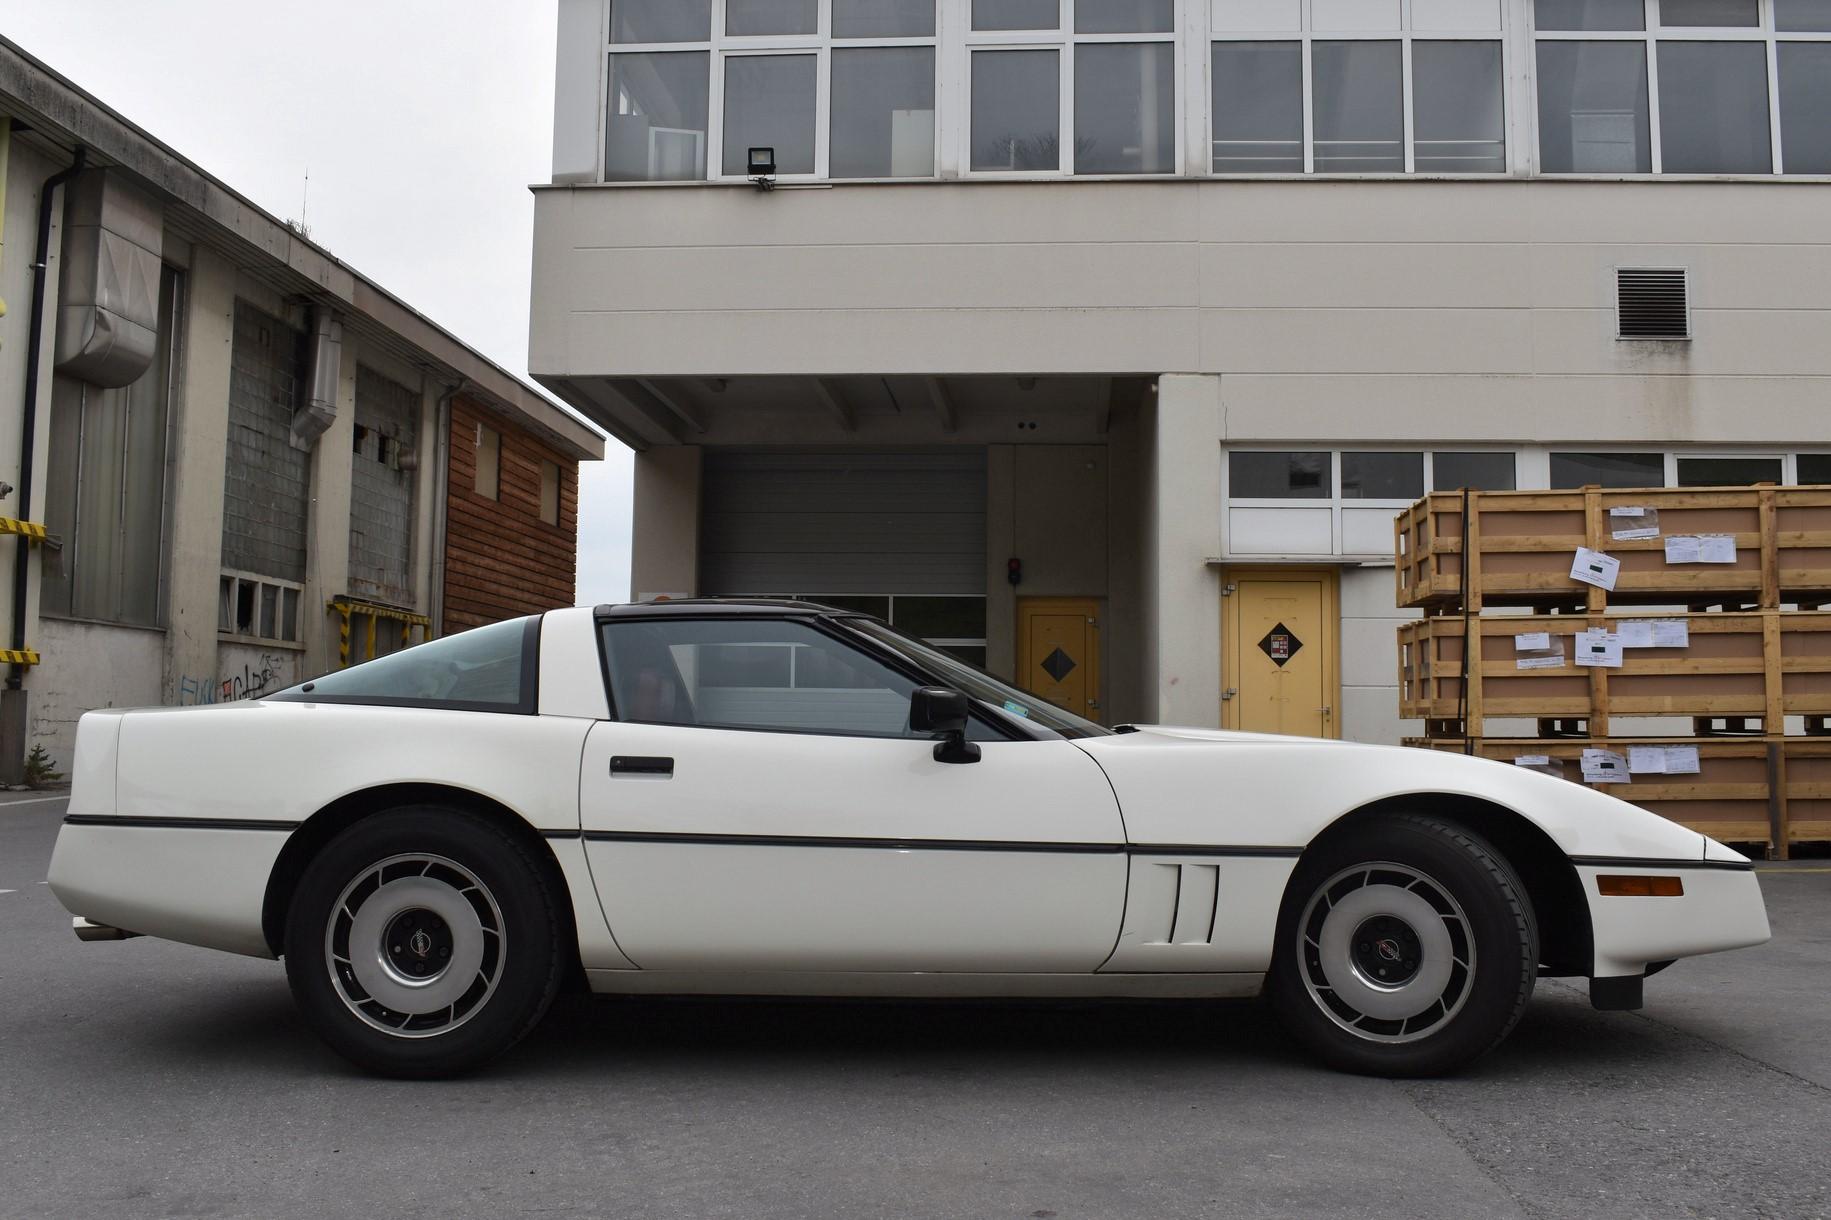 Weisse Chevrolet Corvette C4 Targa 350 cuin 5.7 Liter aus dem Jahre 1984 in Seitenansicht vor einem alten Industriegebäude